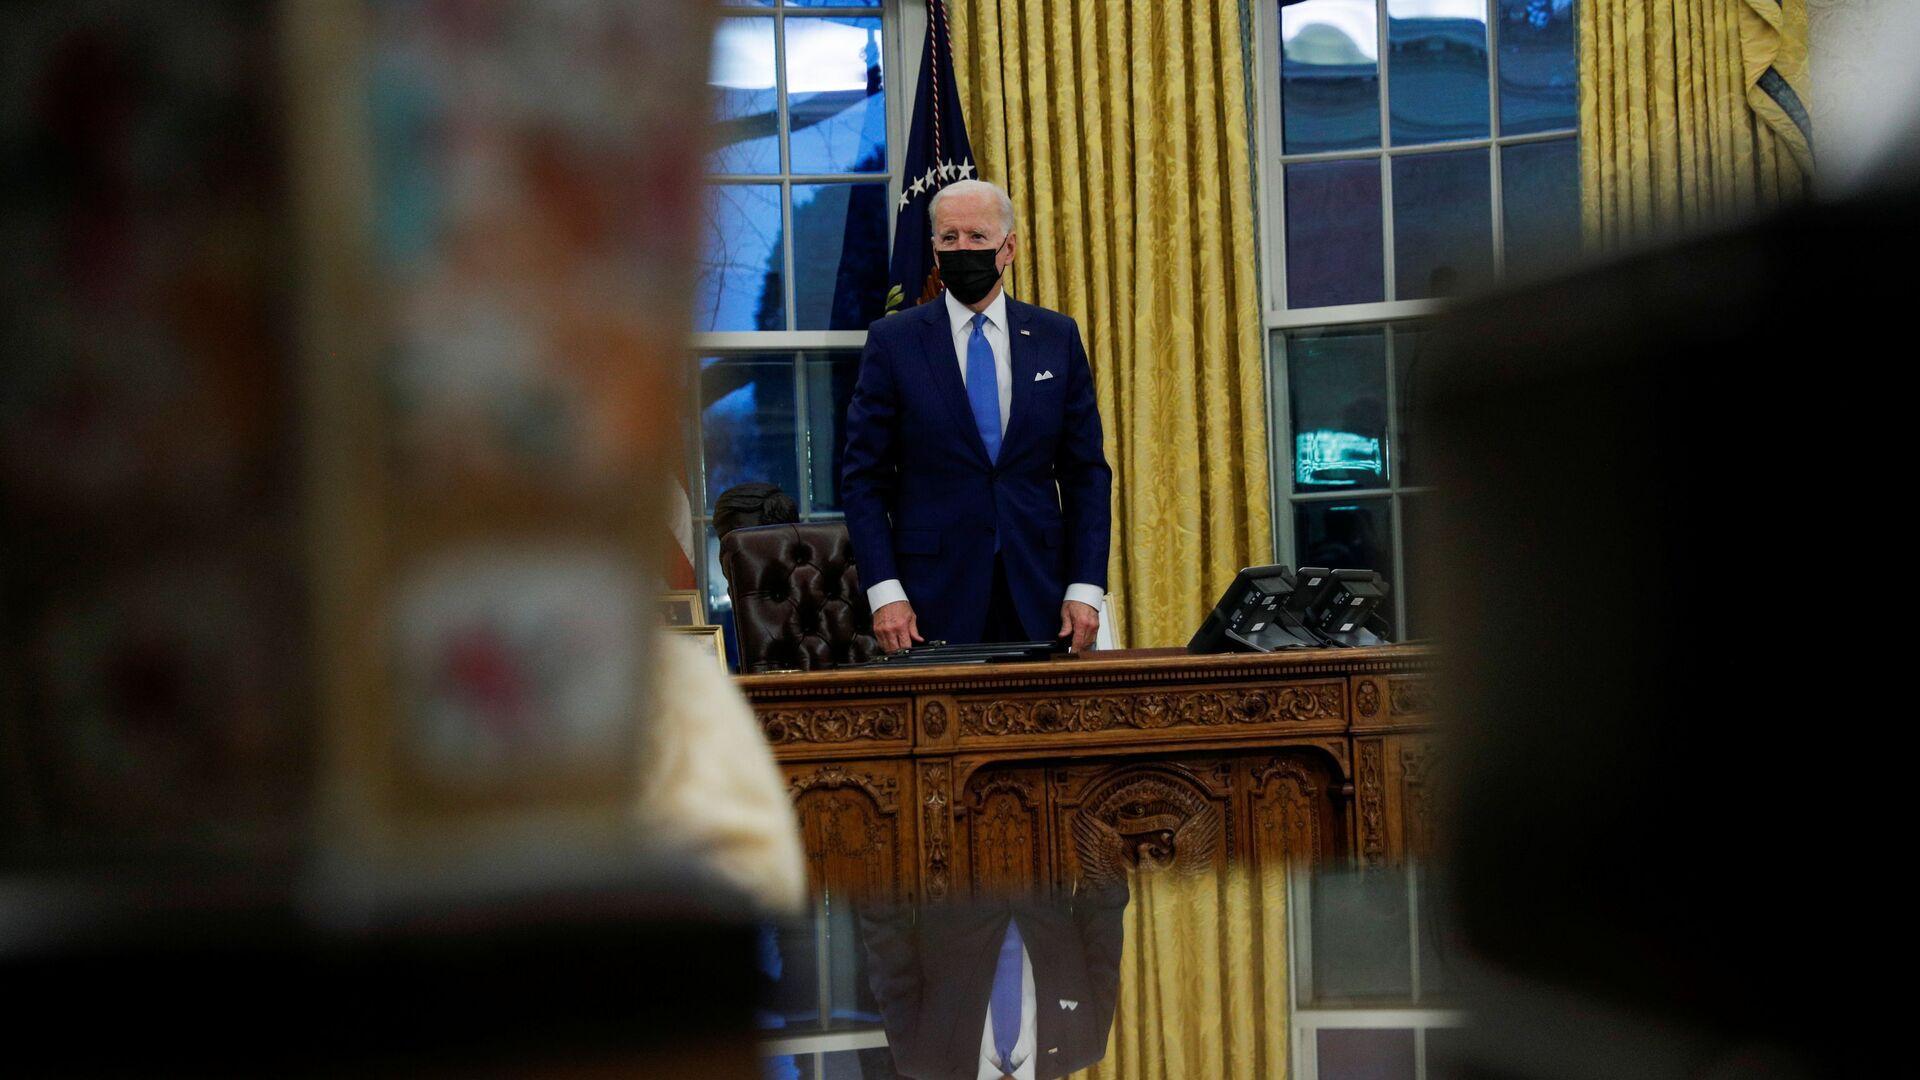 Joe Biden, presidente de EEUU, en el Despacho Oval de la Casa Blanca - Sputnik Mundo, 1920, 10.02.2021